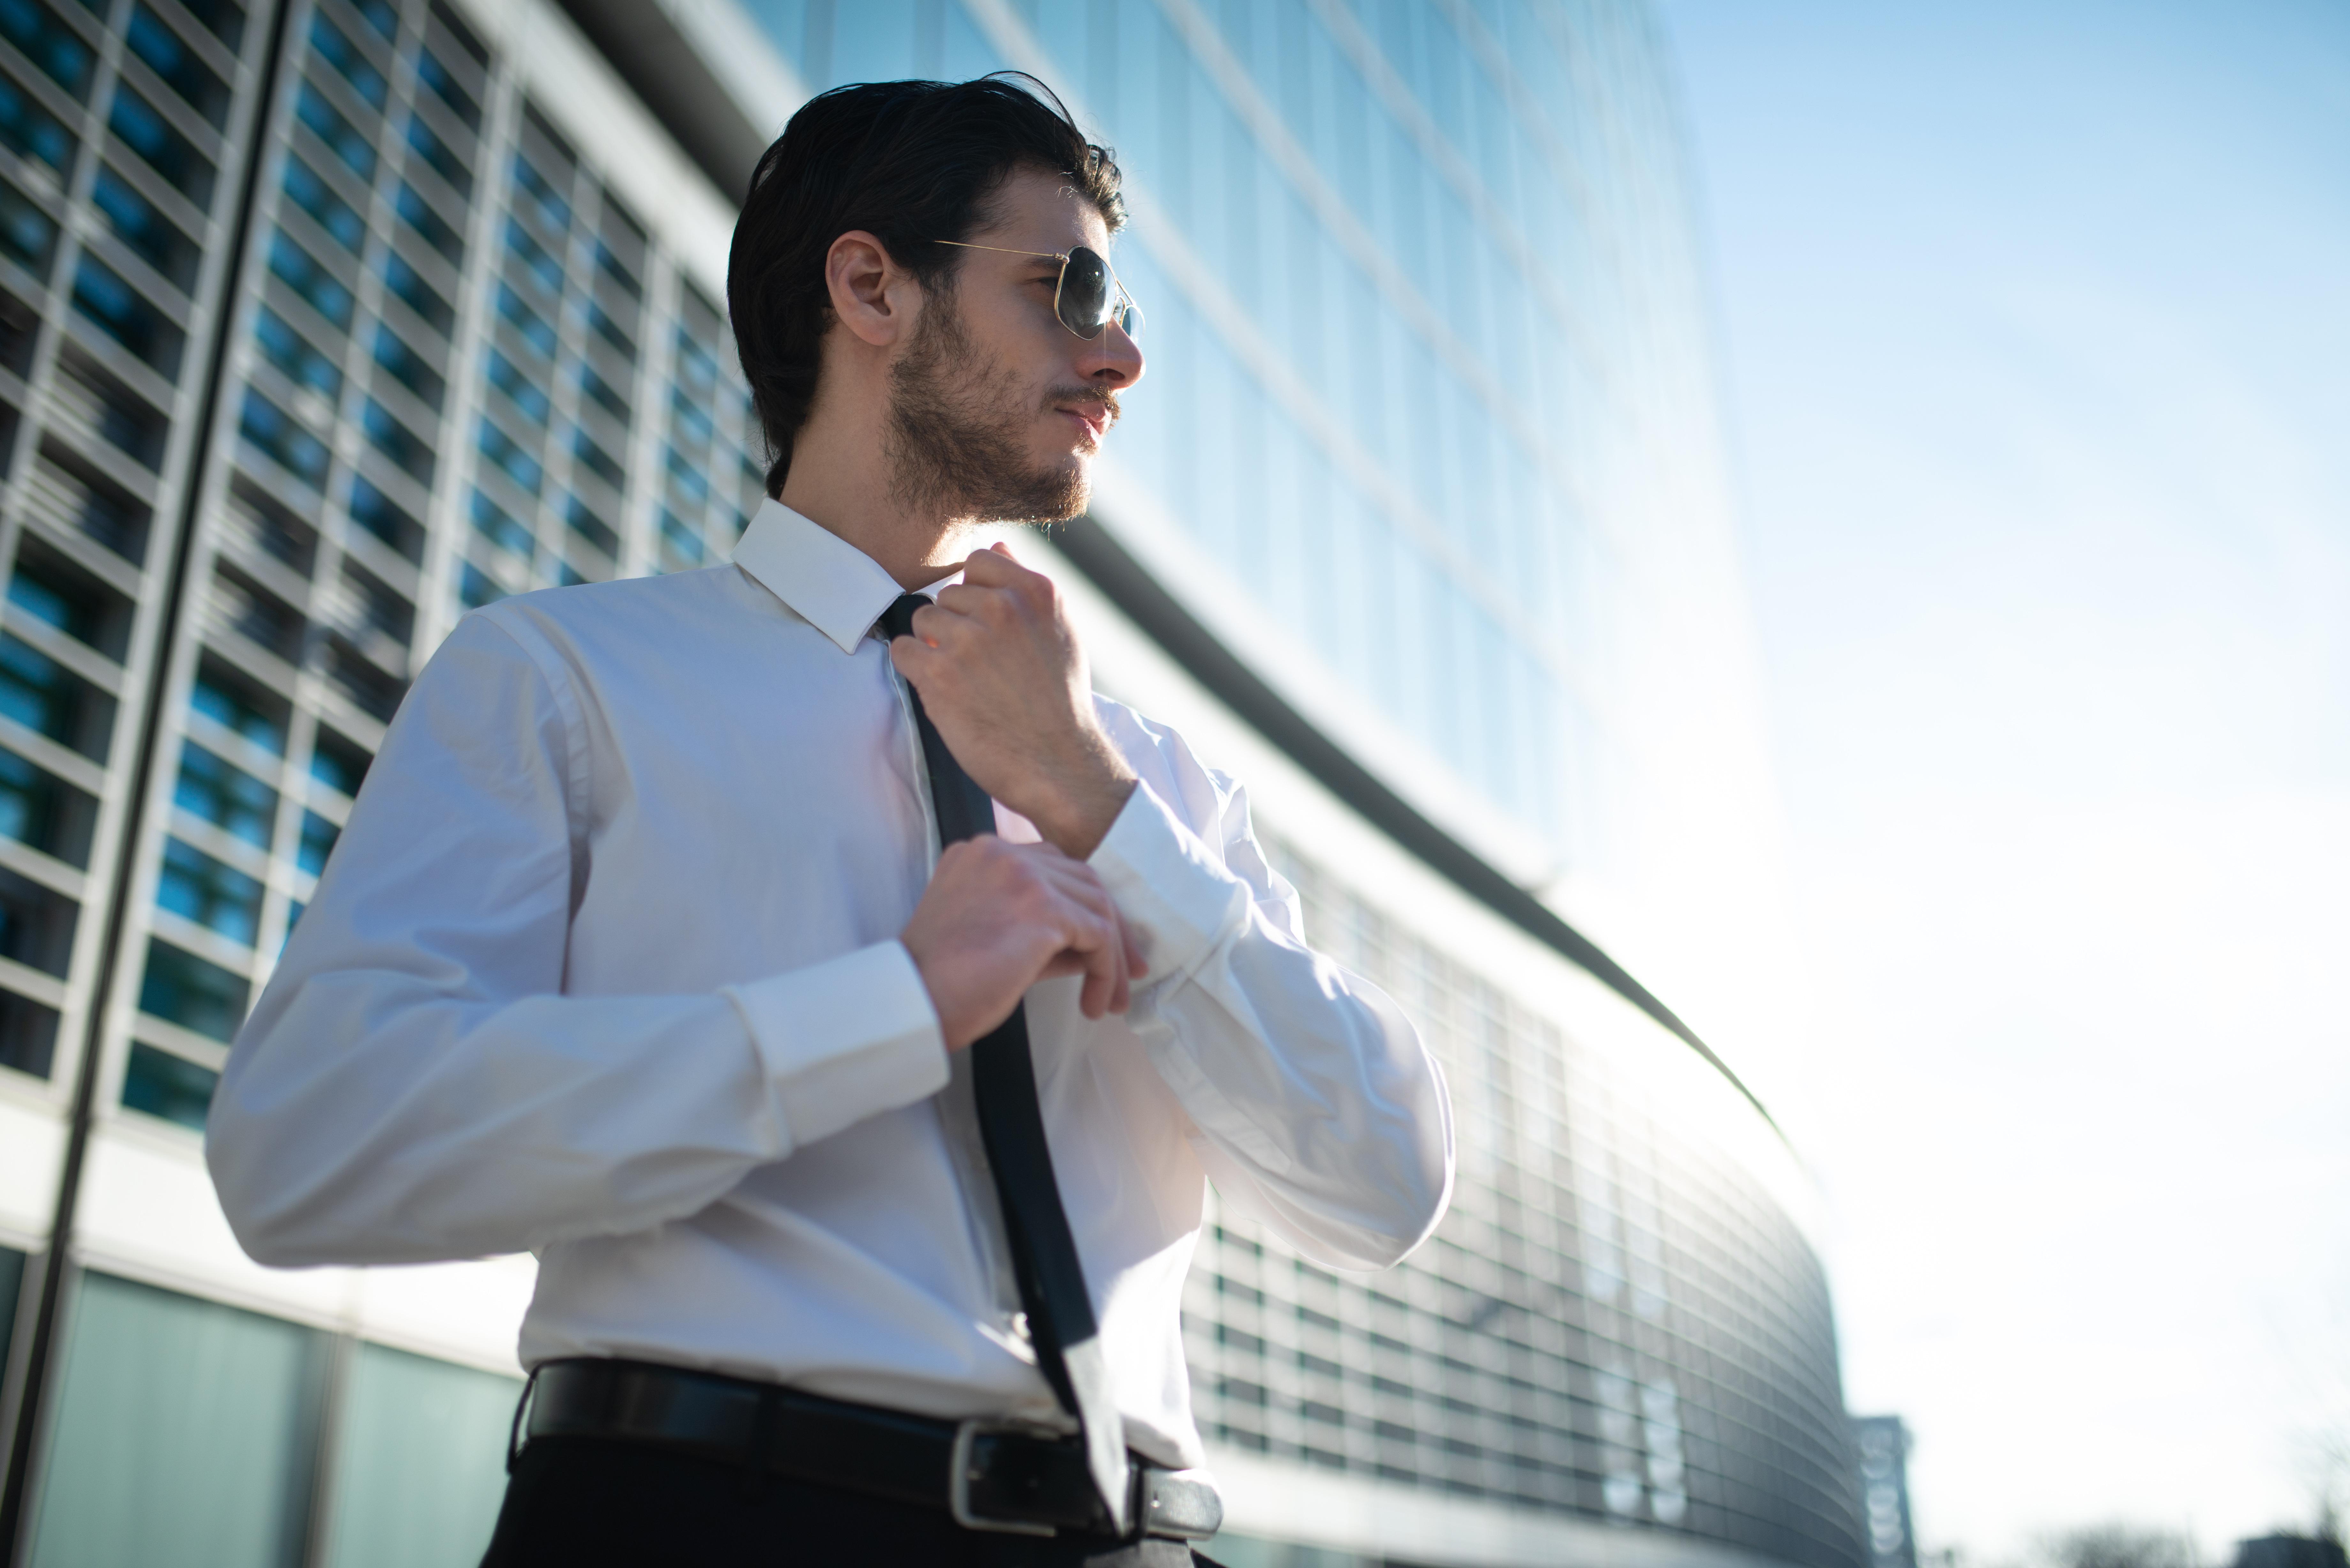 Предприниматель, который может оформить ВНЖ Словакии по бизнесу